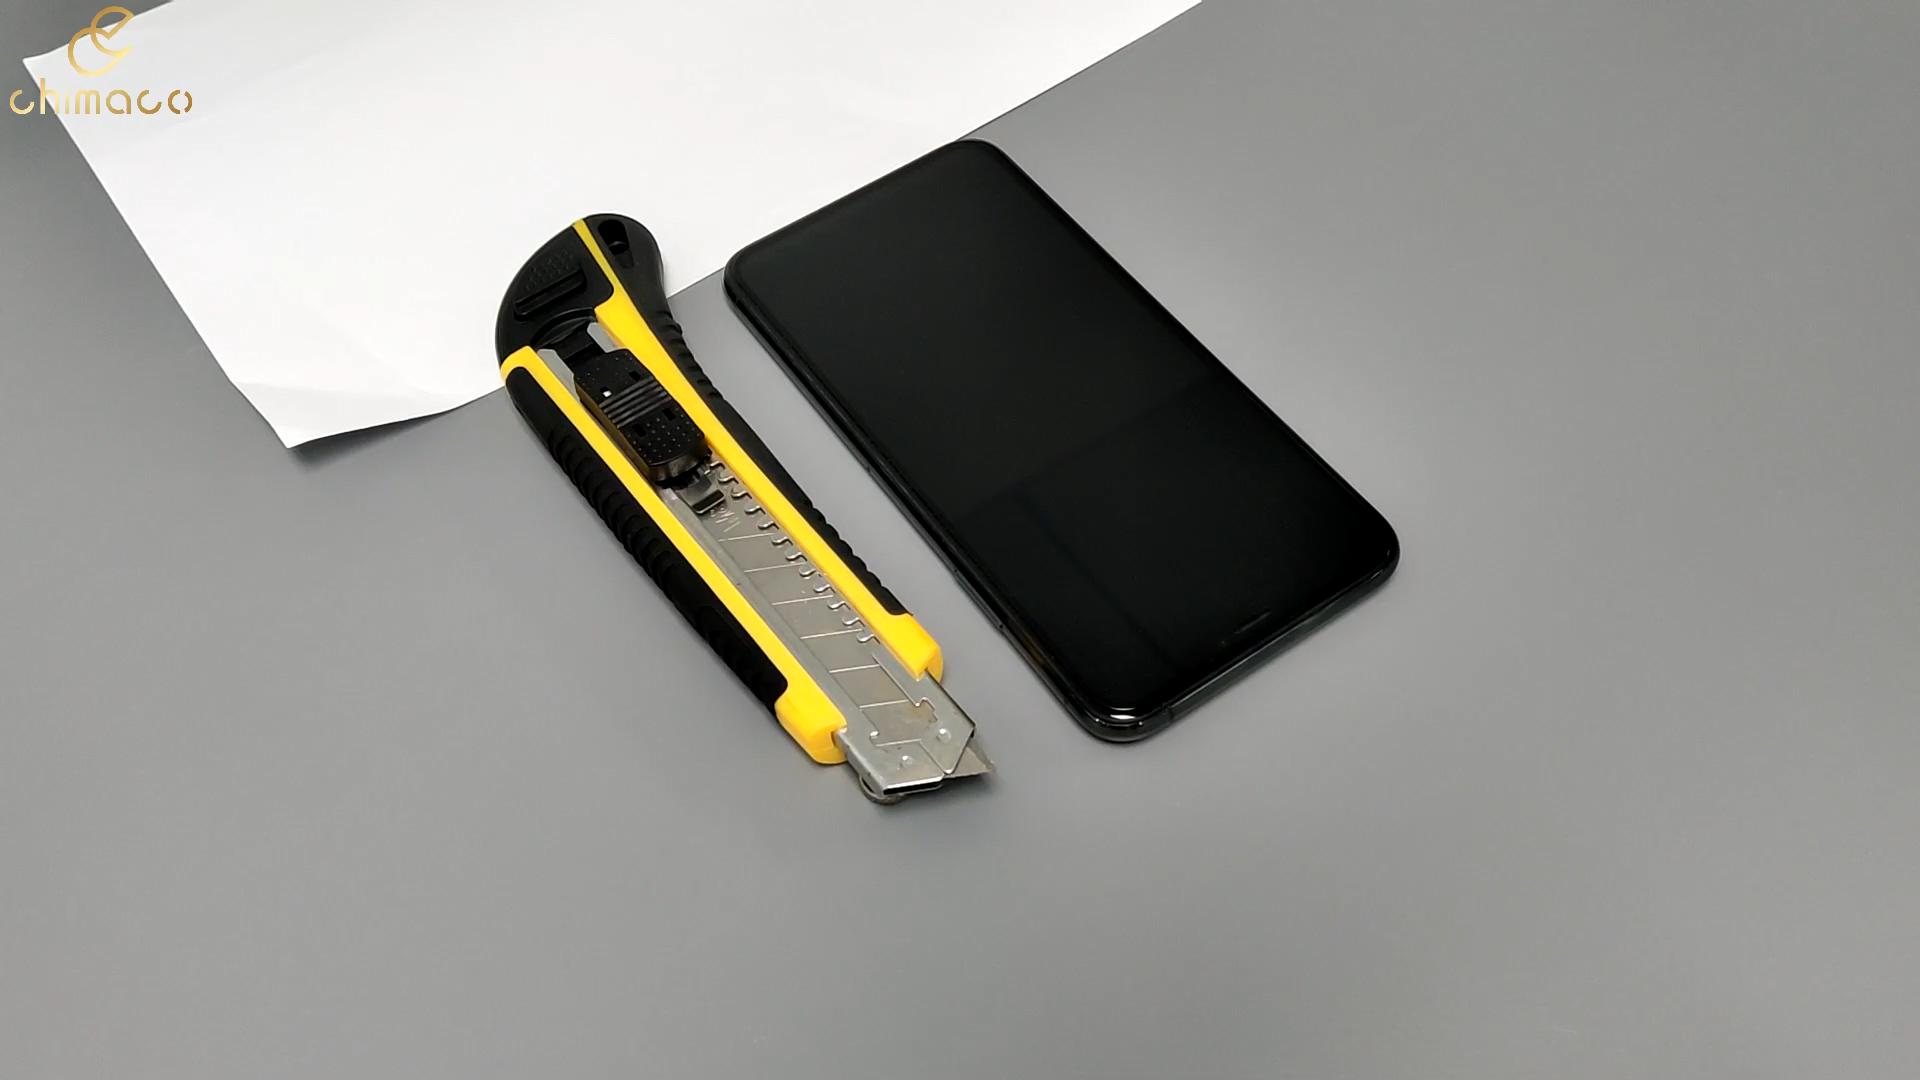 יצרן סיטונאי מזג זכוכית מסך מגן 9D זכוכית עבור טלפון נייד עבור iPhone 11 פרו